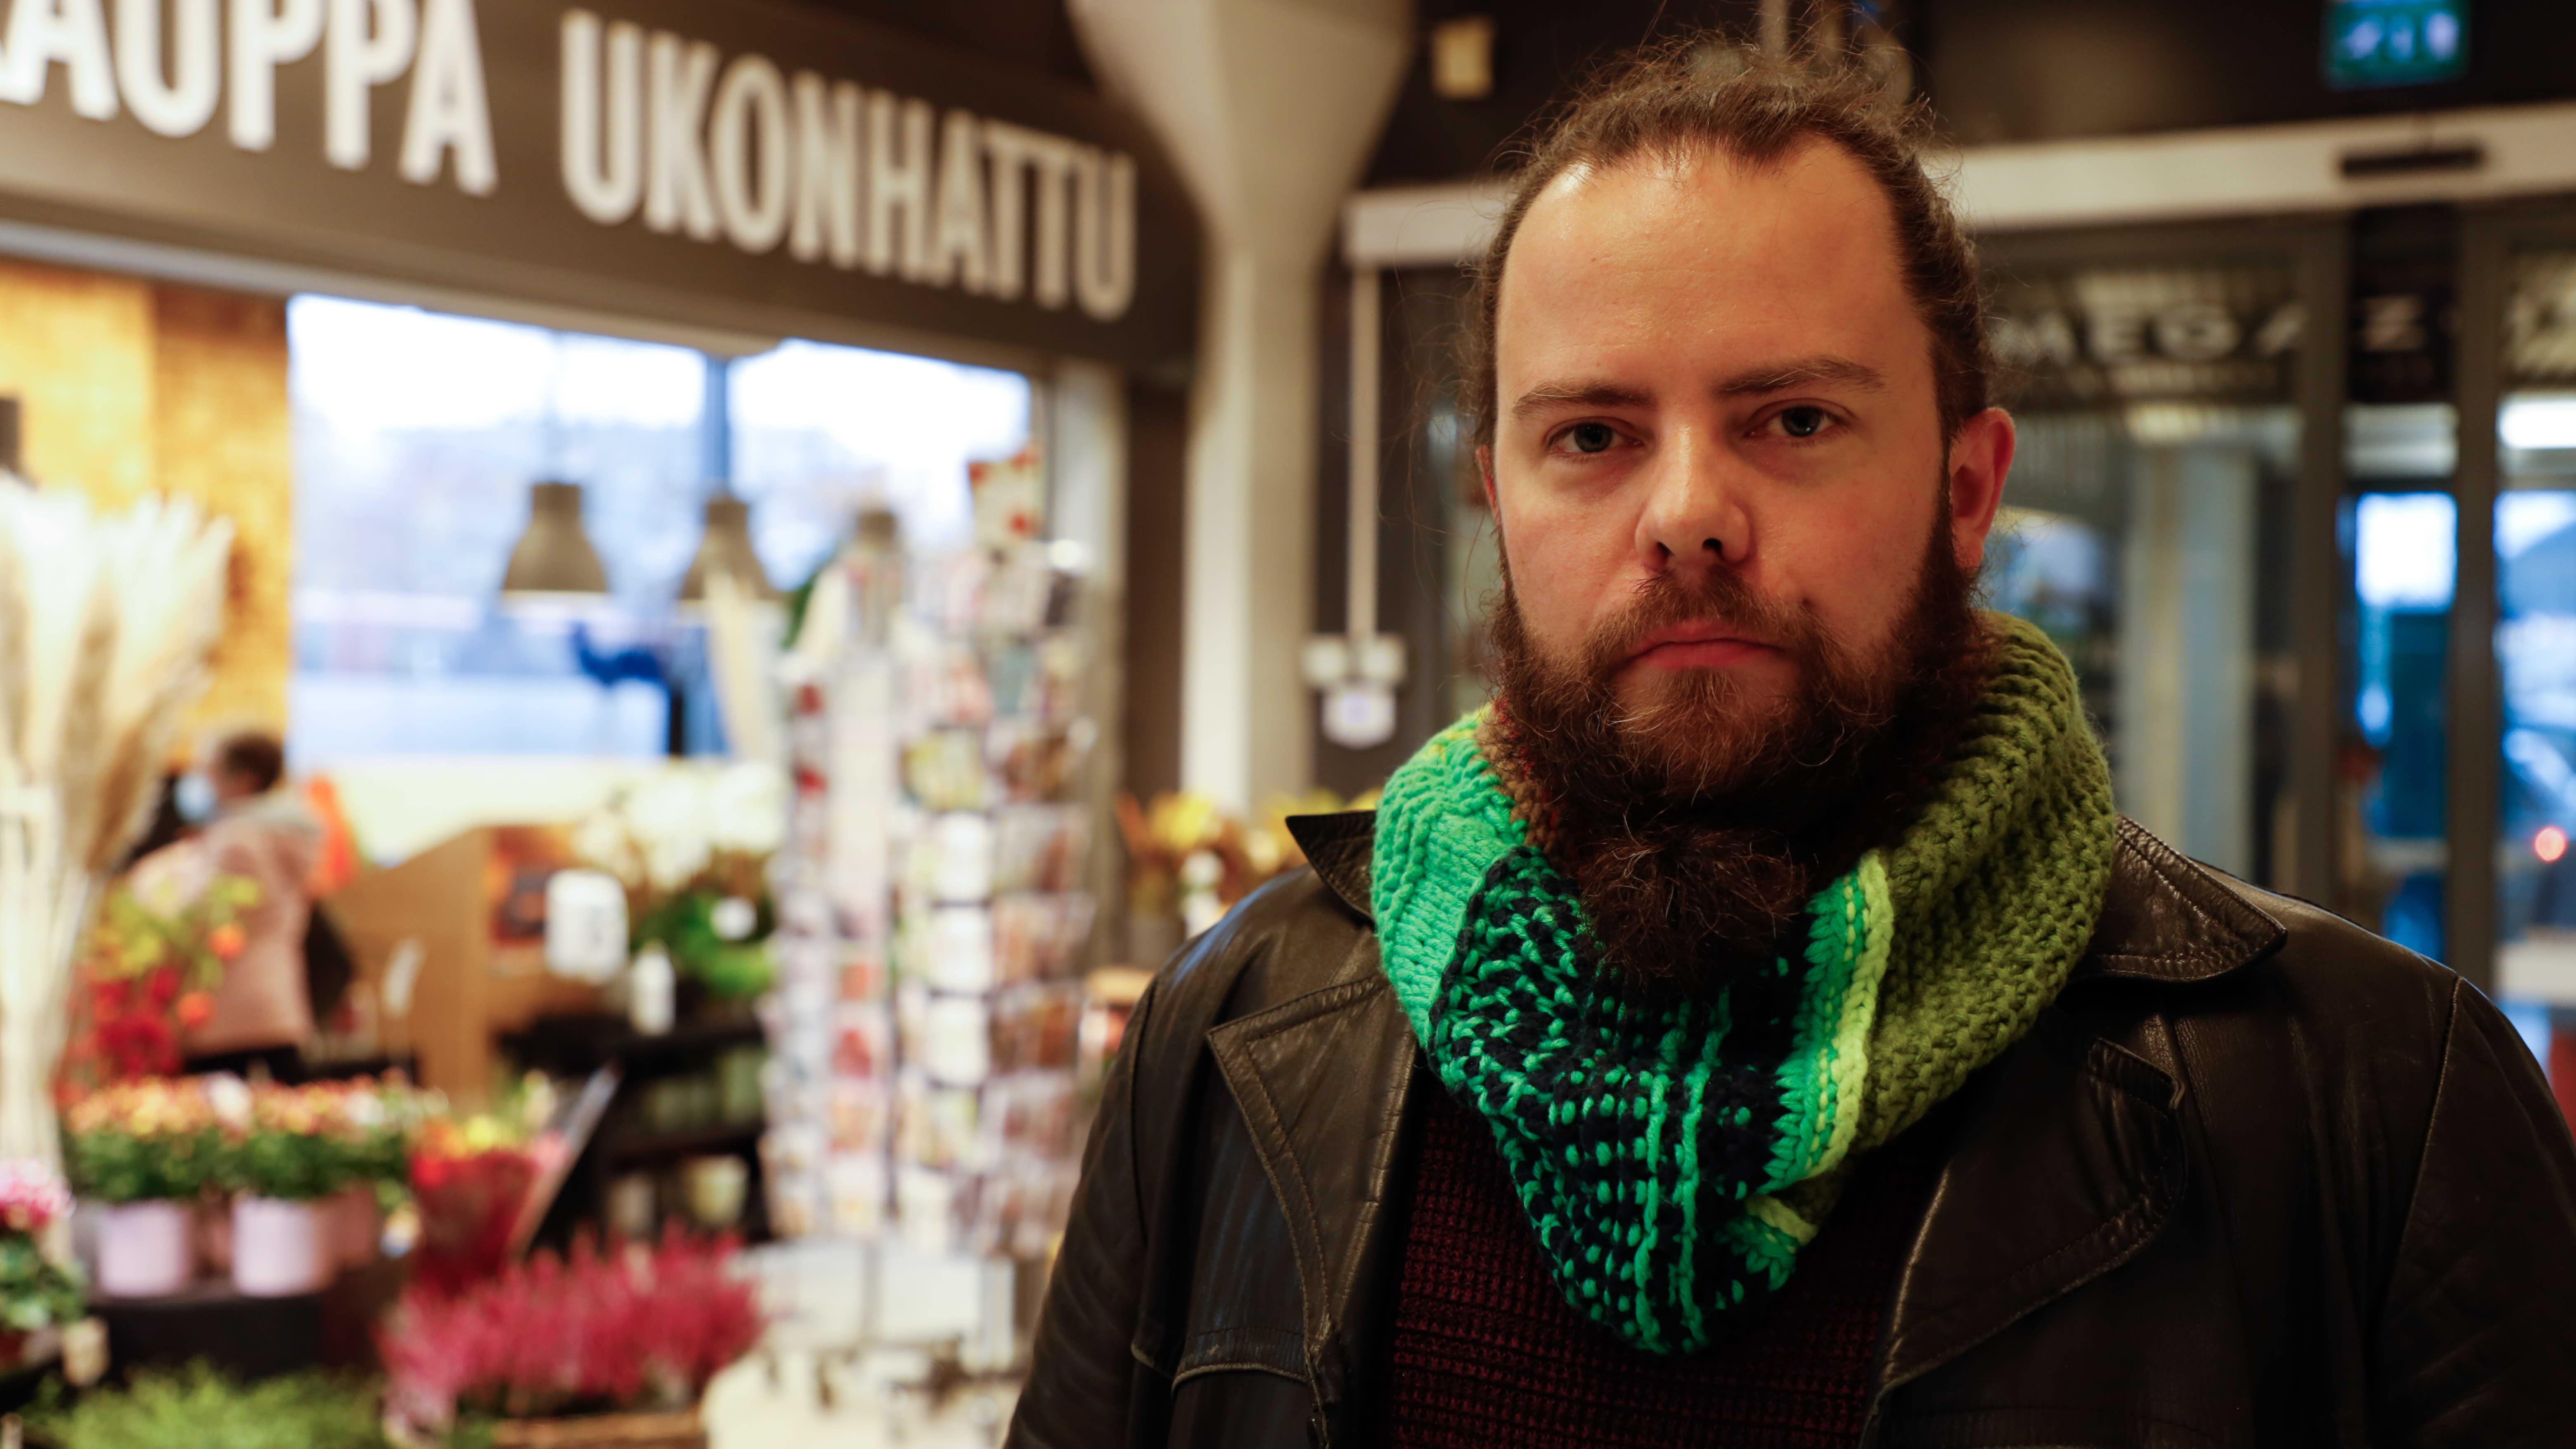 Rovaniemeläisen Mikko Laitilan mukaan Ounasvaaran kehittämisessä paikallisten ihmisten mielipidettä ei ole otettu huomioon, vaan päätöksiä tehdään raha ja matkailu edellä